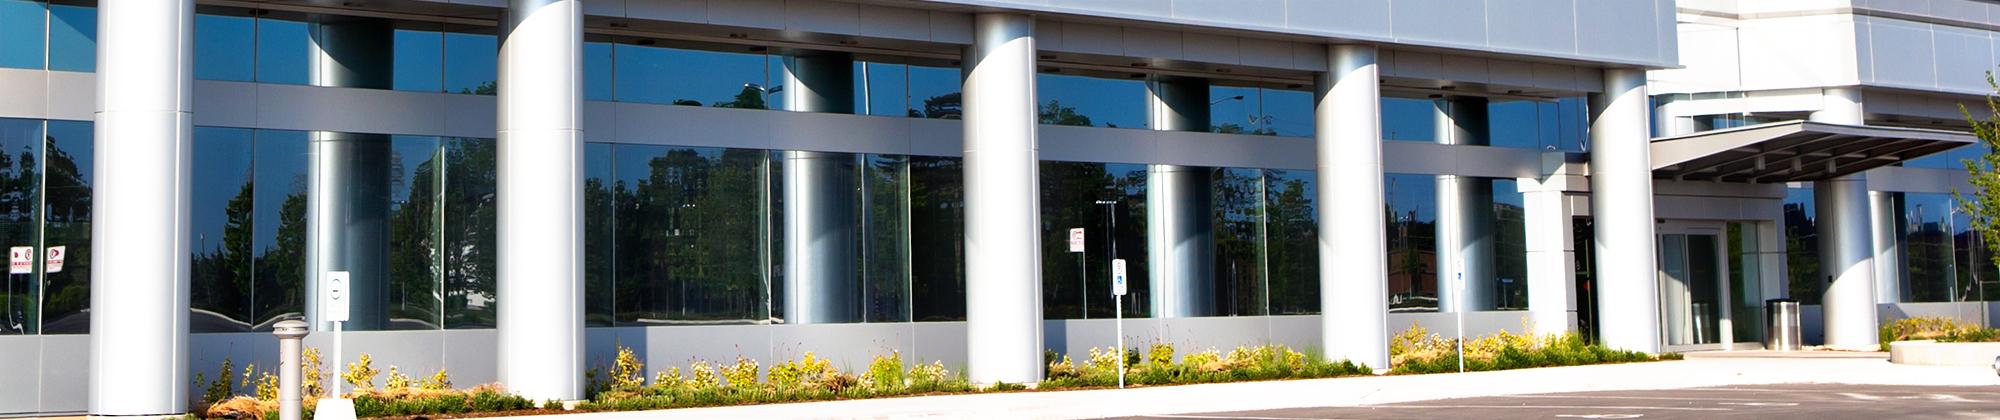 Personal Financial Management Advisors Boca Raton - Grace & LeTourneau